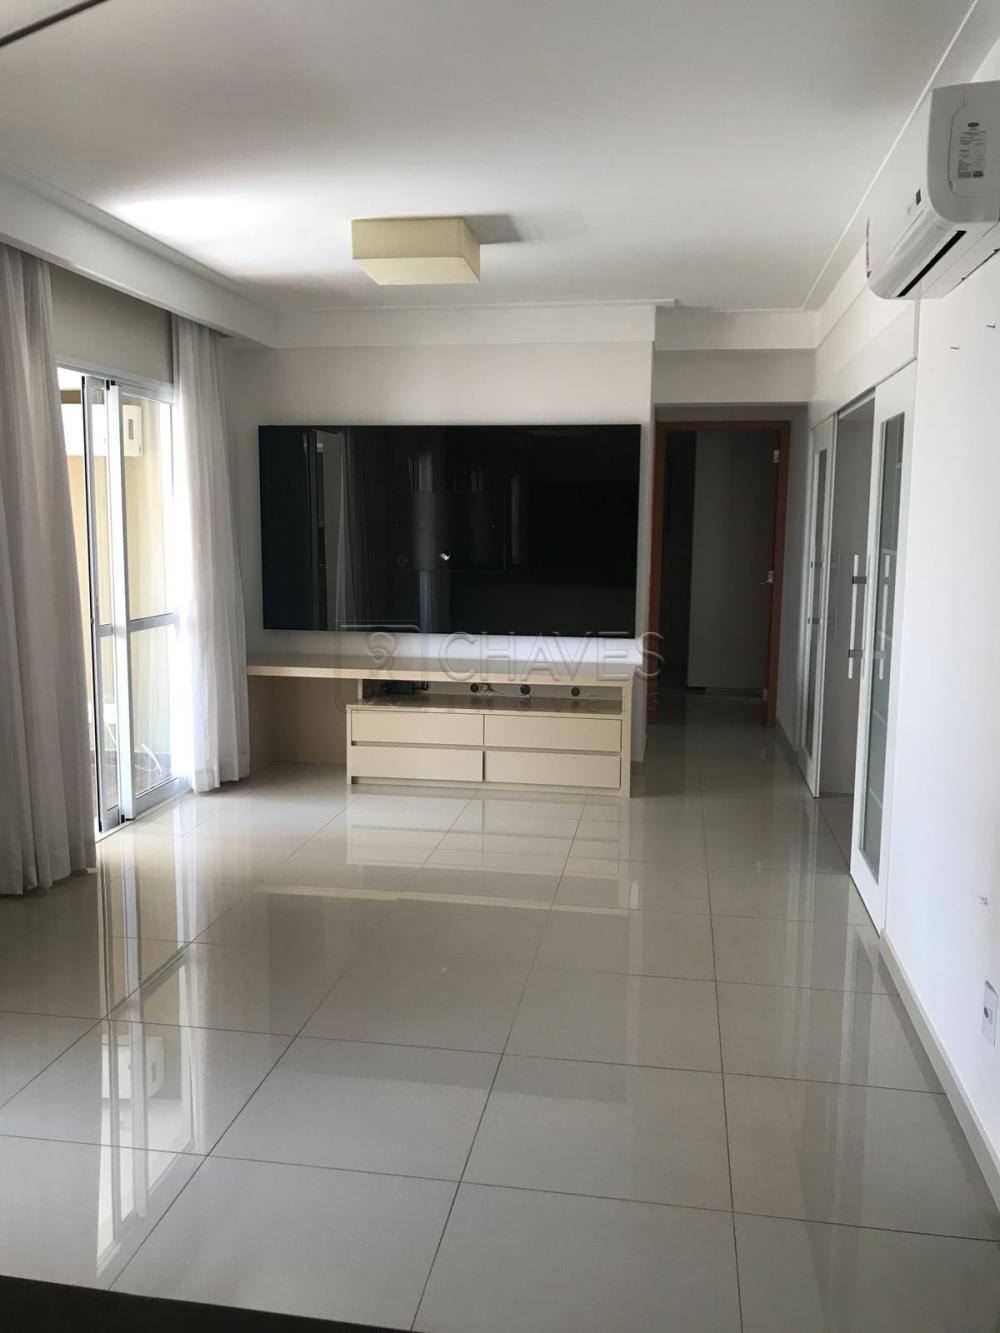 Comprar Apartamento / Padrão em Ribeirão Preto apenas R$ 720.000,00 - Foto 2